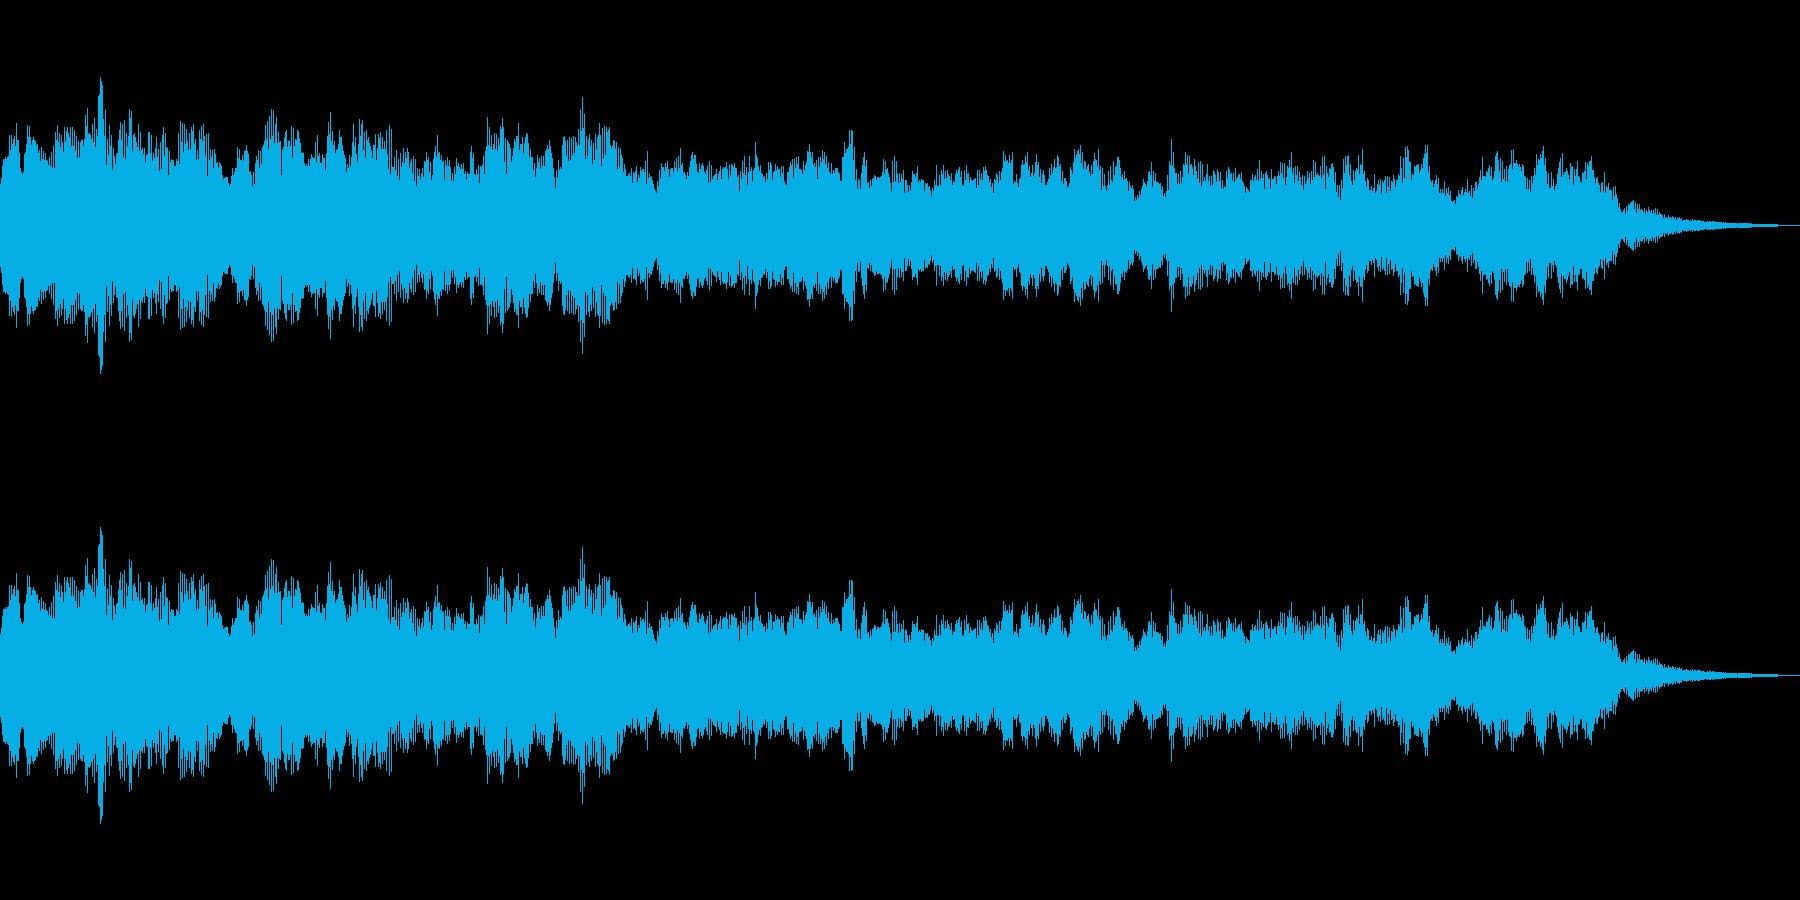 幻想的な感じを出すためのストリングスSEの再生済みの波形